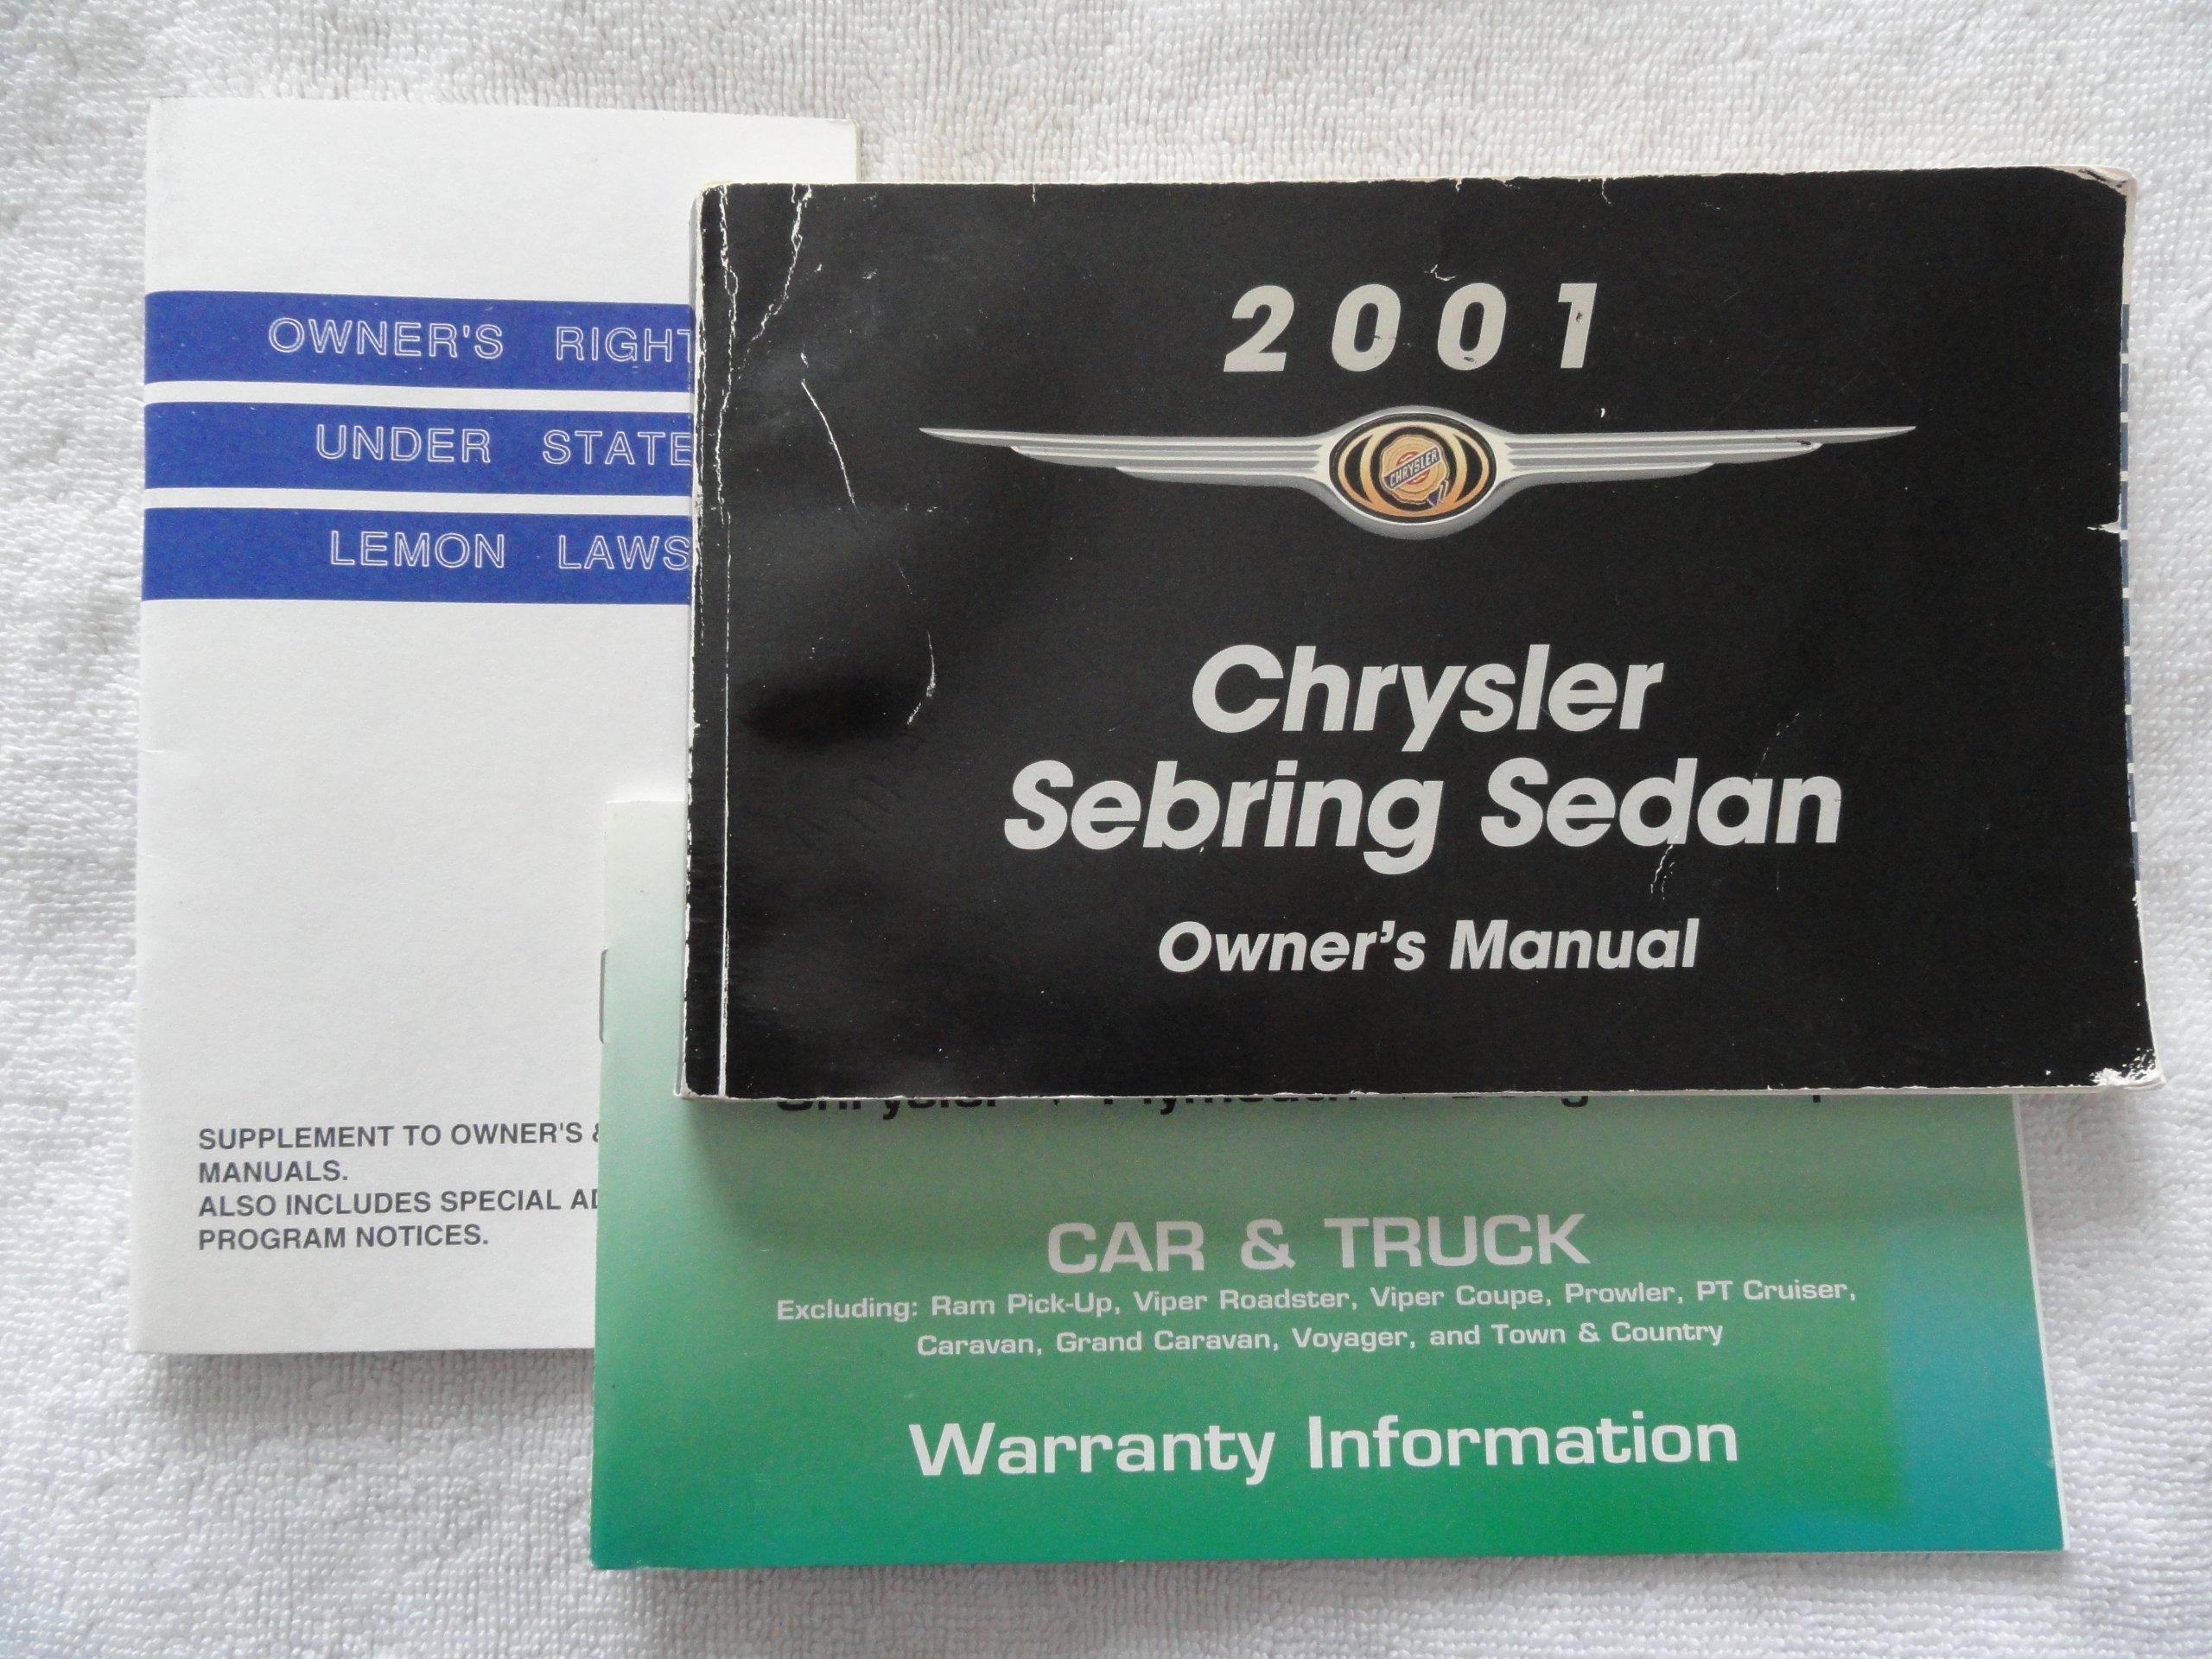 2001 chrysler sebring sedan owners manual chrysler amazon com books rh amazon com chrysler sebring owners manual 2008 chrysler sebring owners manual 2005